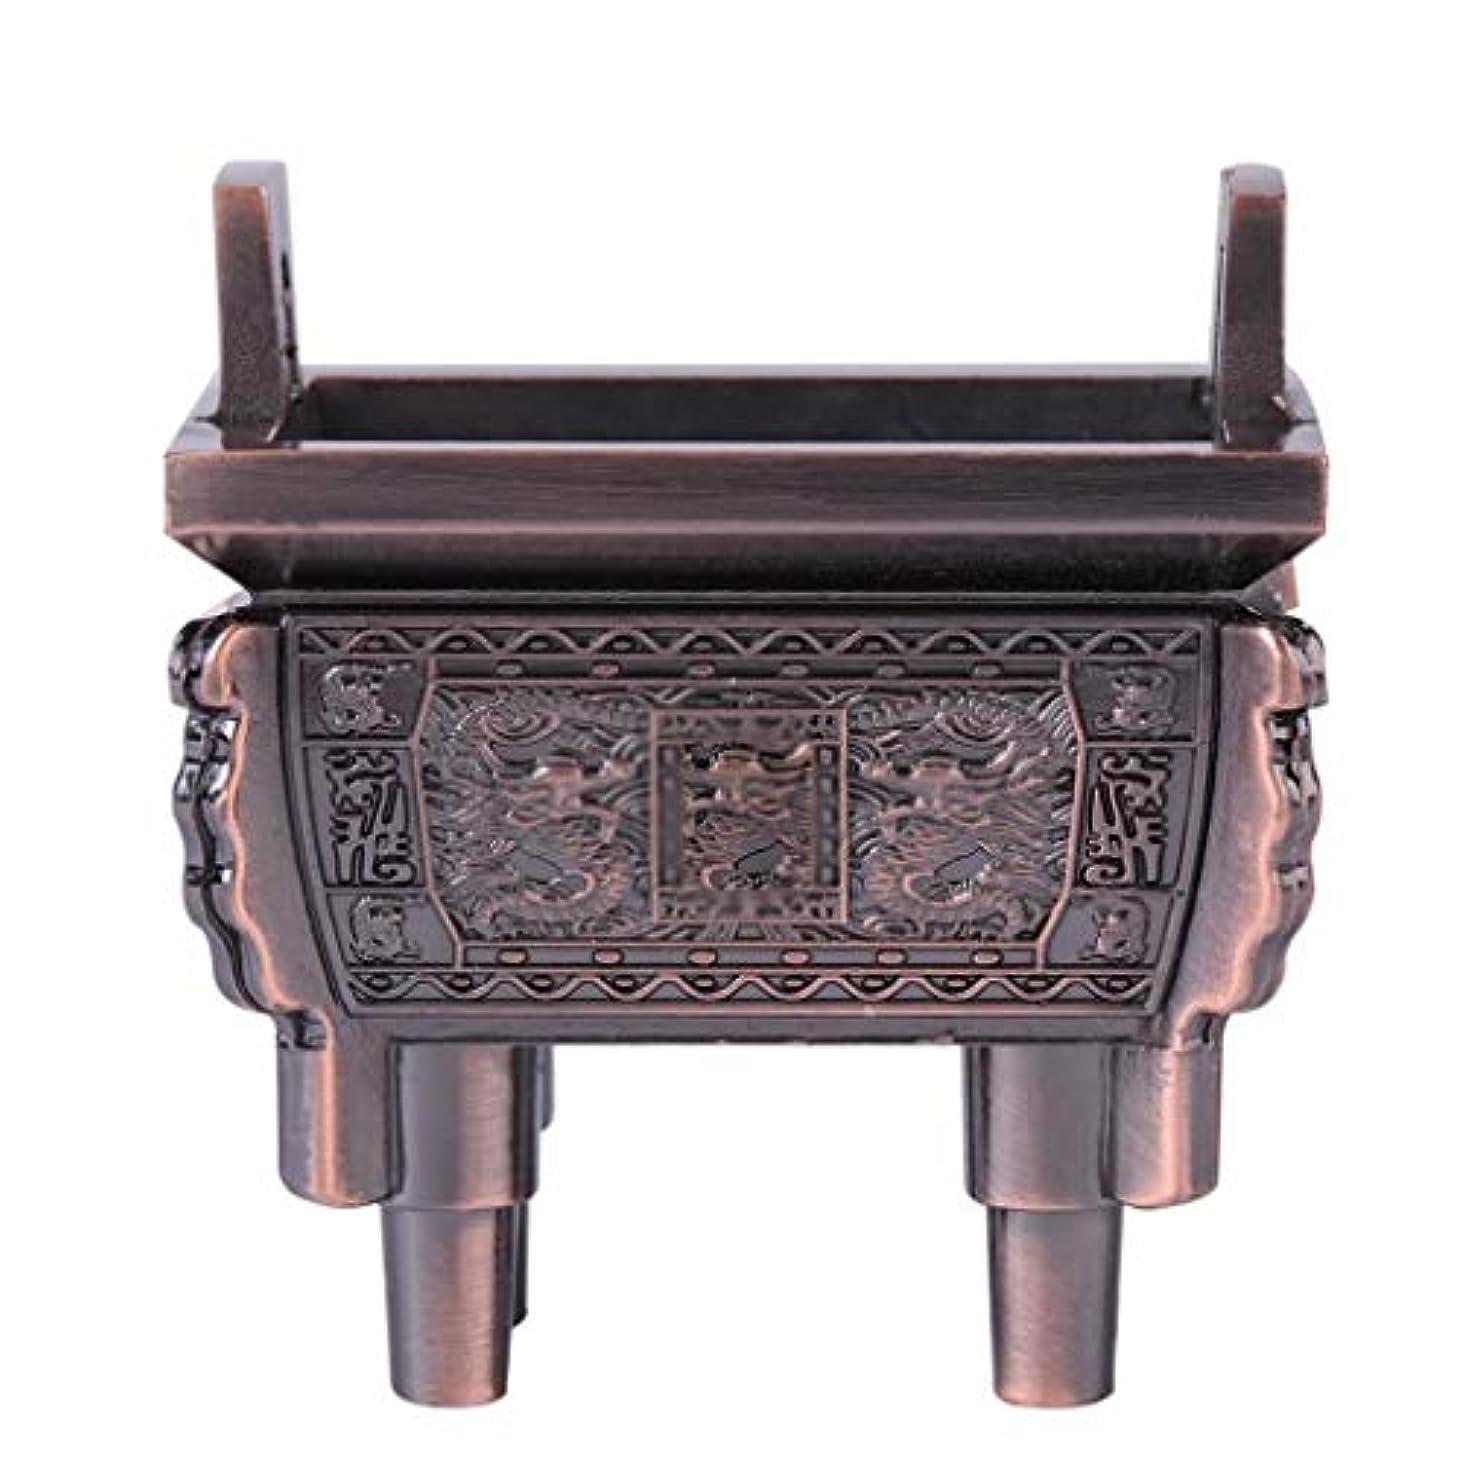 であること有毒車両芳香器?アロマバーナー 総本店のホテルの喫茶店の使用のための小型多機能香の棒のバーナーのホールダーのセンサー アロマバーナー芳香器 (Color : Brass)